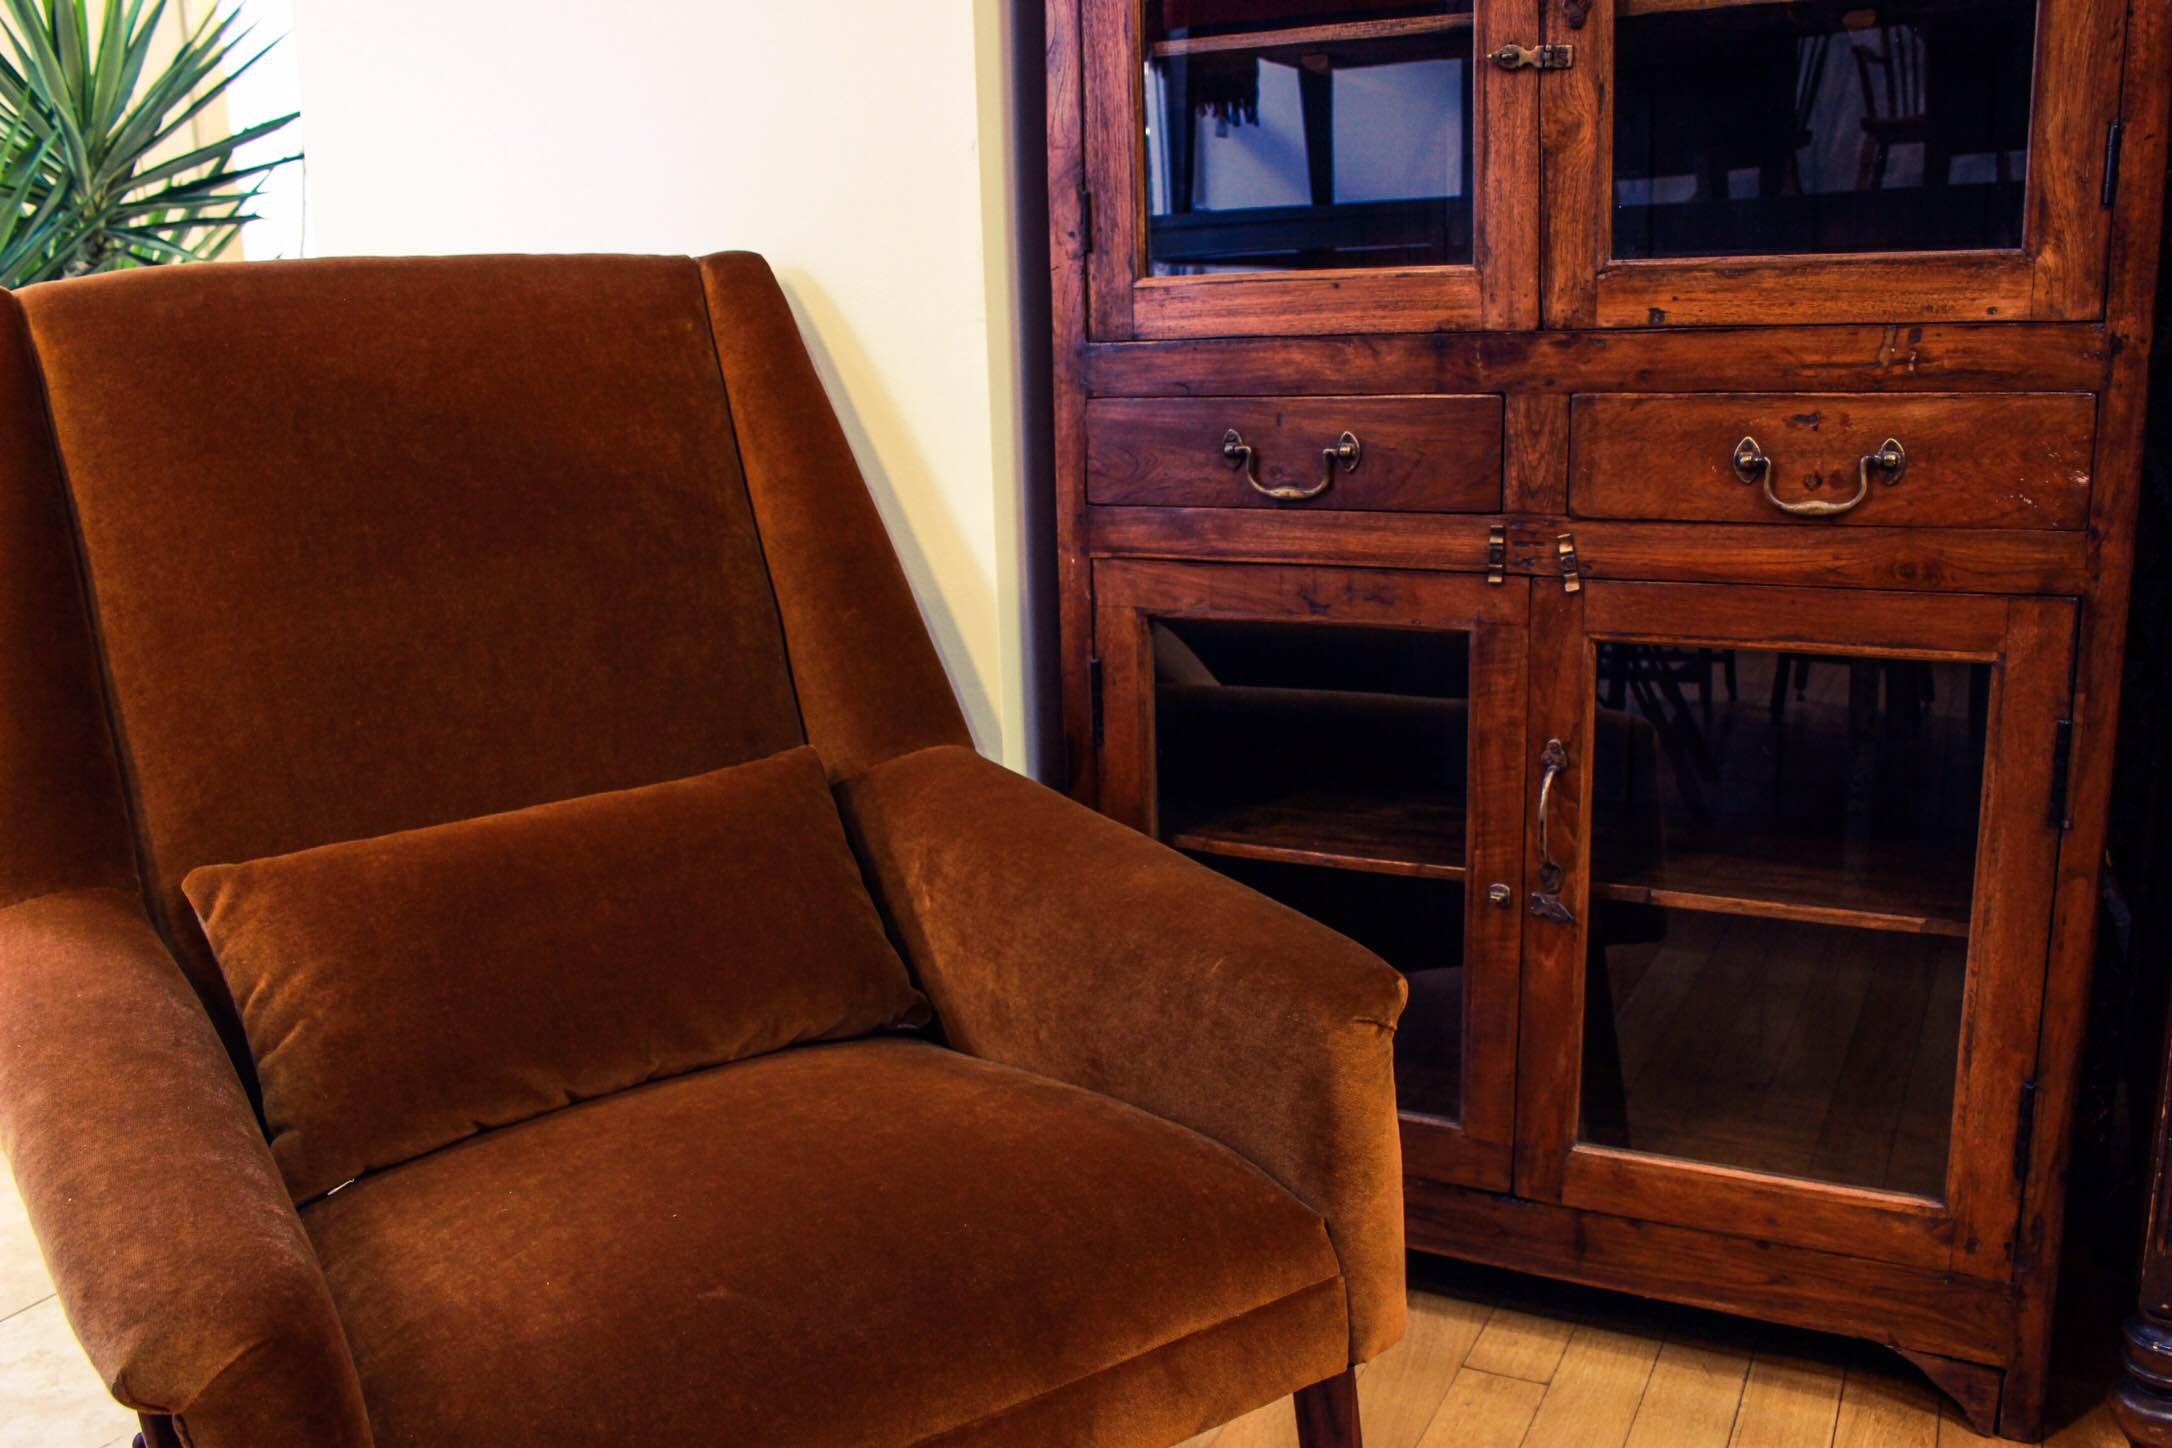 ヴィンテージ家具 1シーターソファ 食器棚